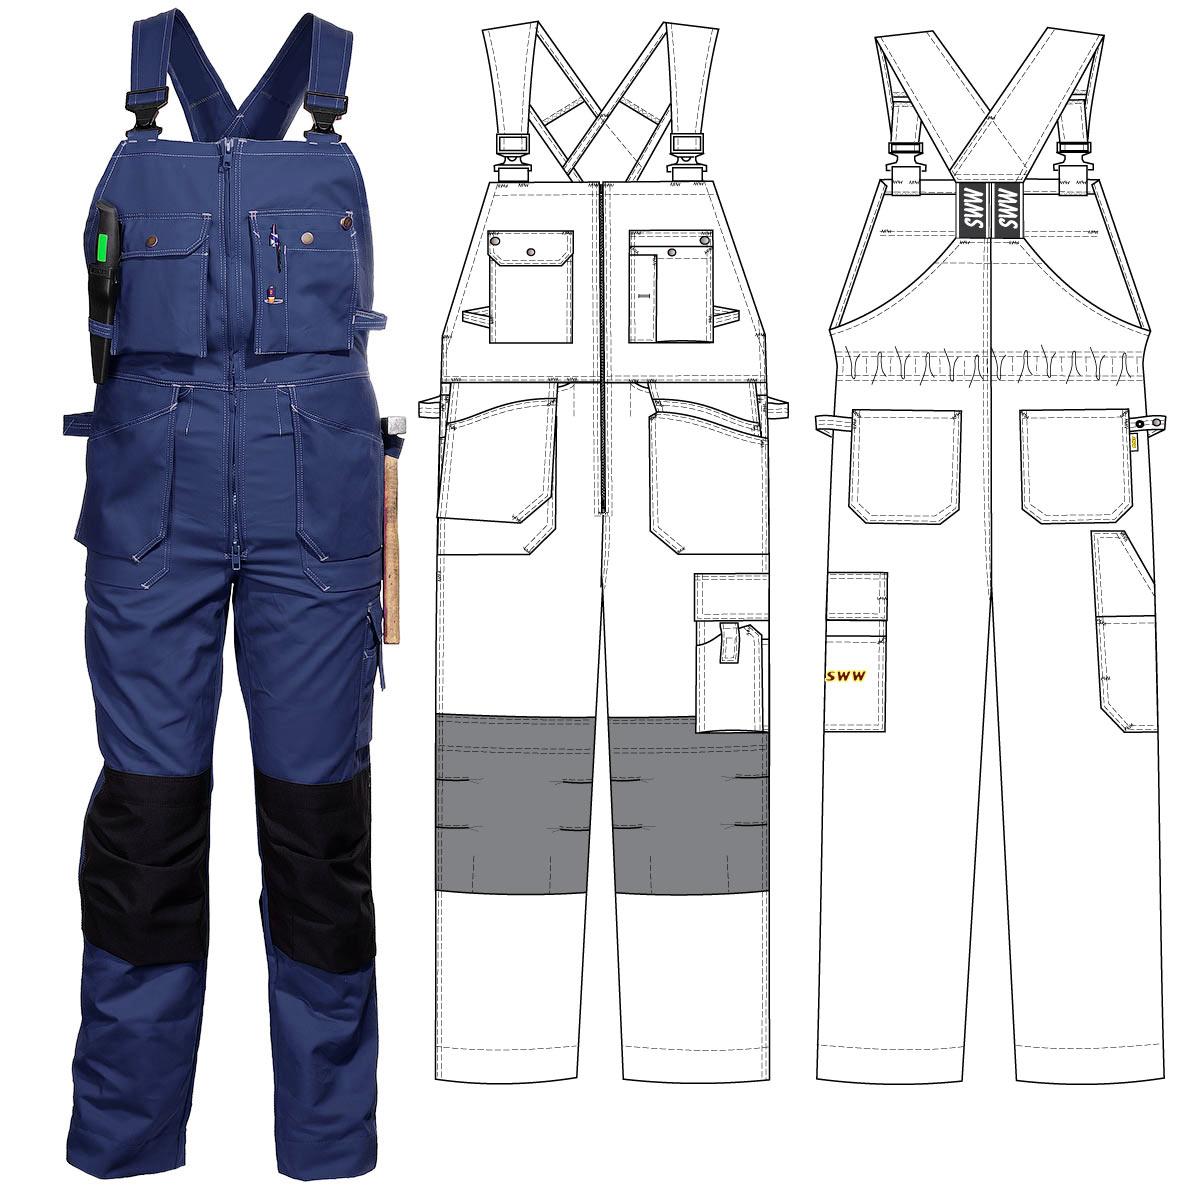 Полукомбинезон рабочий летний тёмно-синий 51-2-FAS-14 из хлопка FAS с наколенниками и 12 карманами в интернет-магазине sww.com.ru